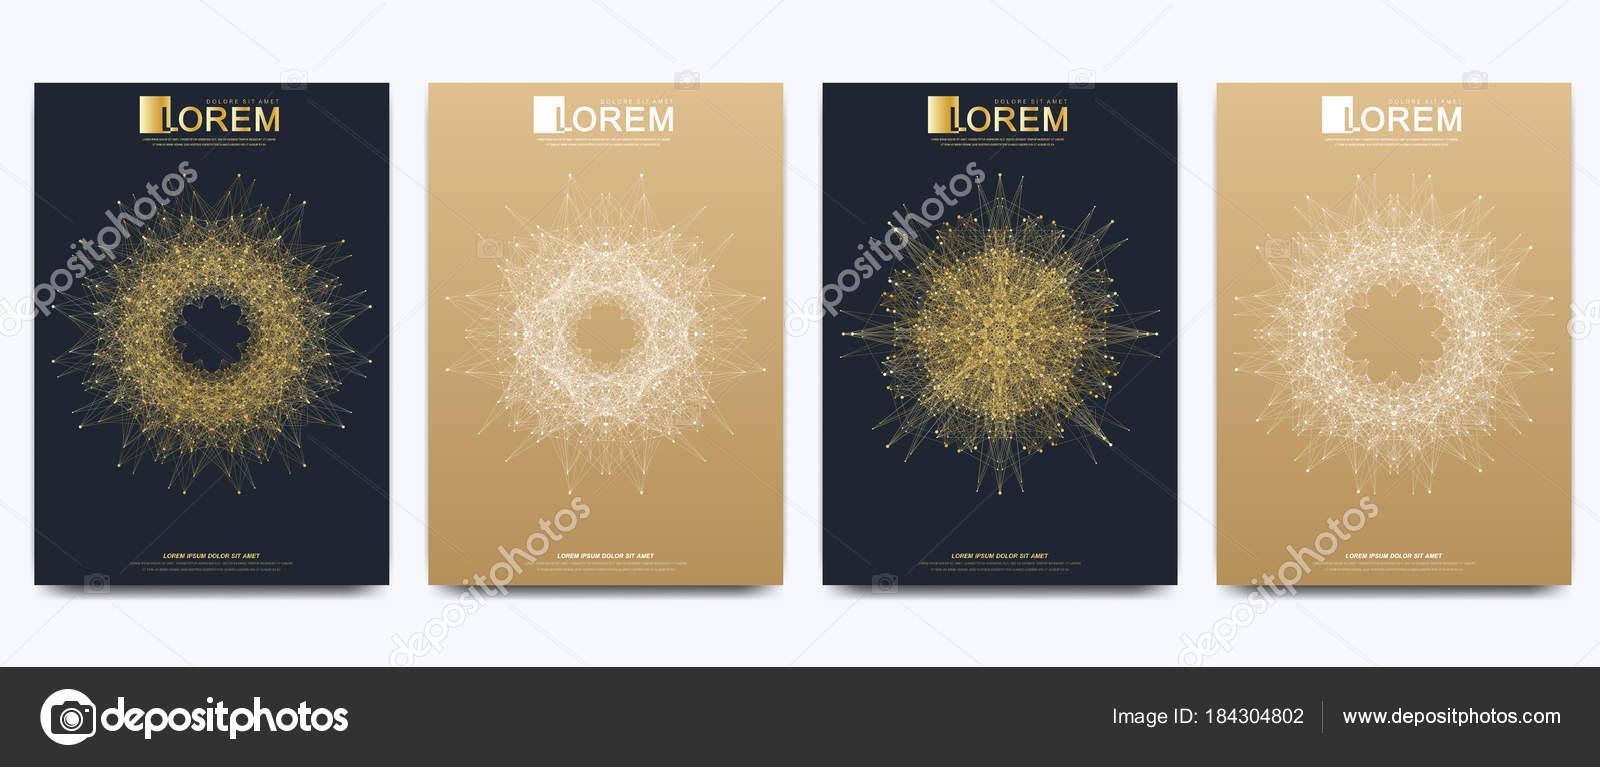 Moderne Vektor Vorlage für Broschüre, Broschüre, Flyer, Cover ...